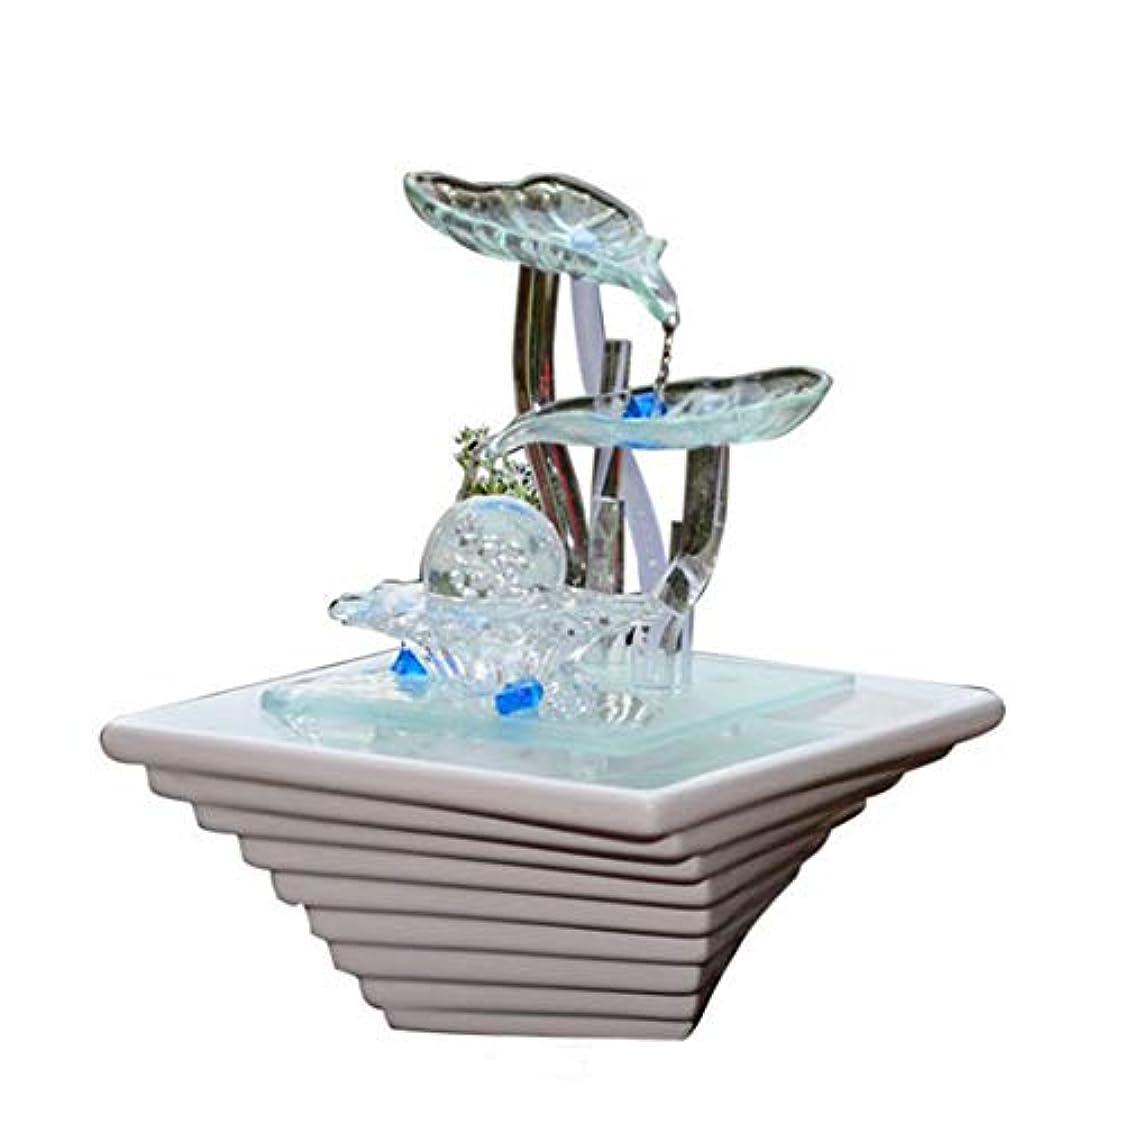 ディレクター髄九月加湿器ホームデスクトップの装飾セラミックガラス工芸品の装飾品噴水装飾品バレンタインデー結婚式の誕生日パーフェクトギフト